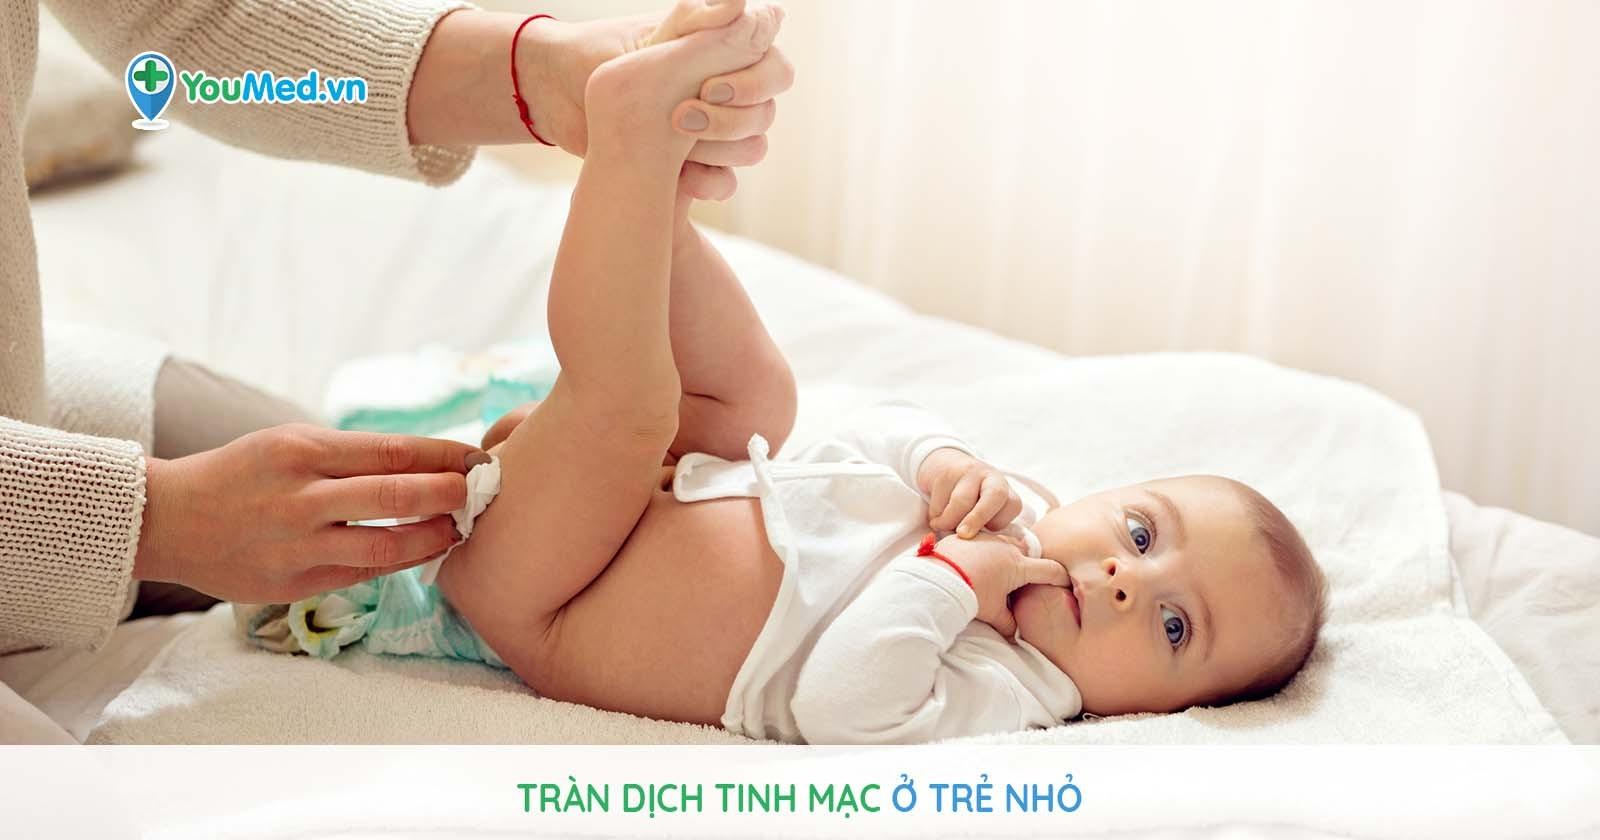 Tràn dịch tinh mạc ở trẻ nhỏ